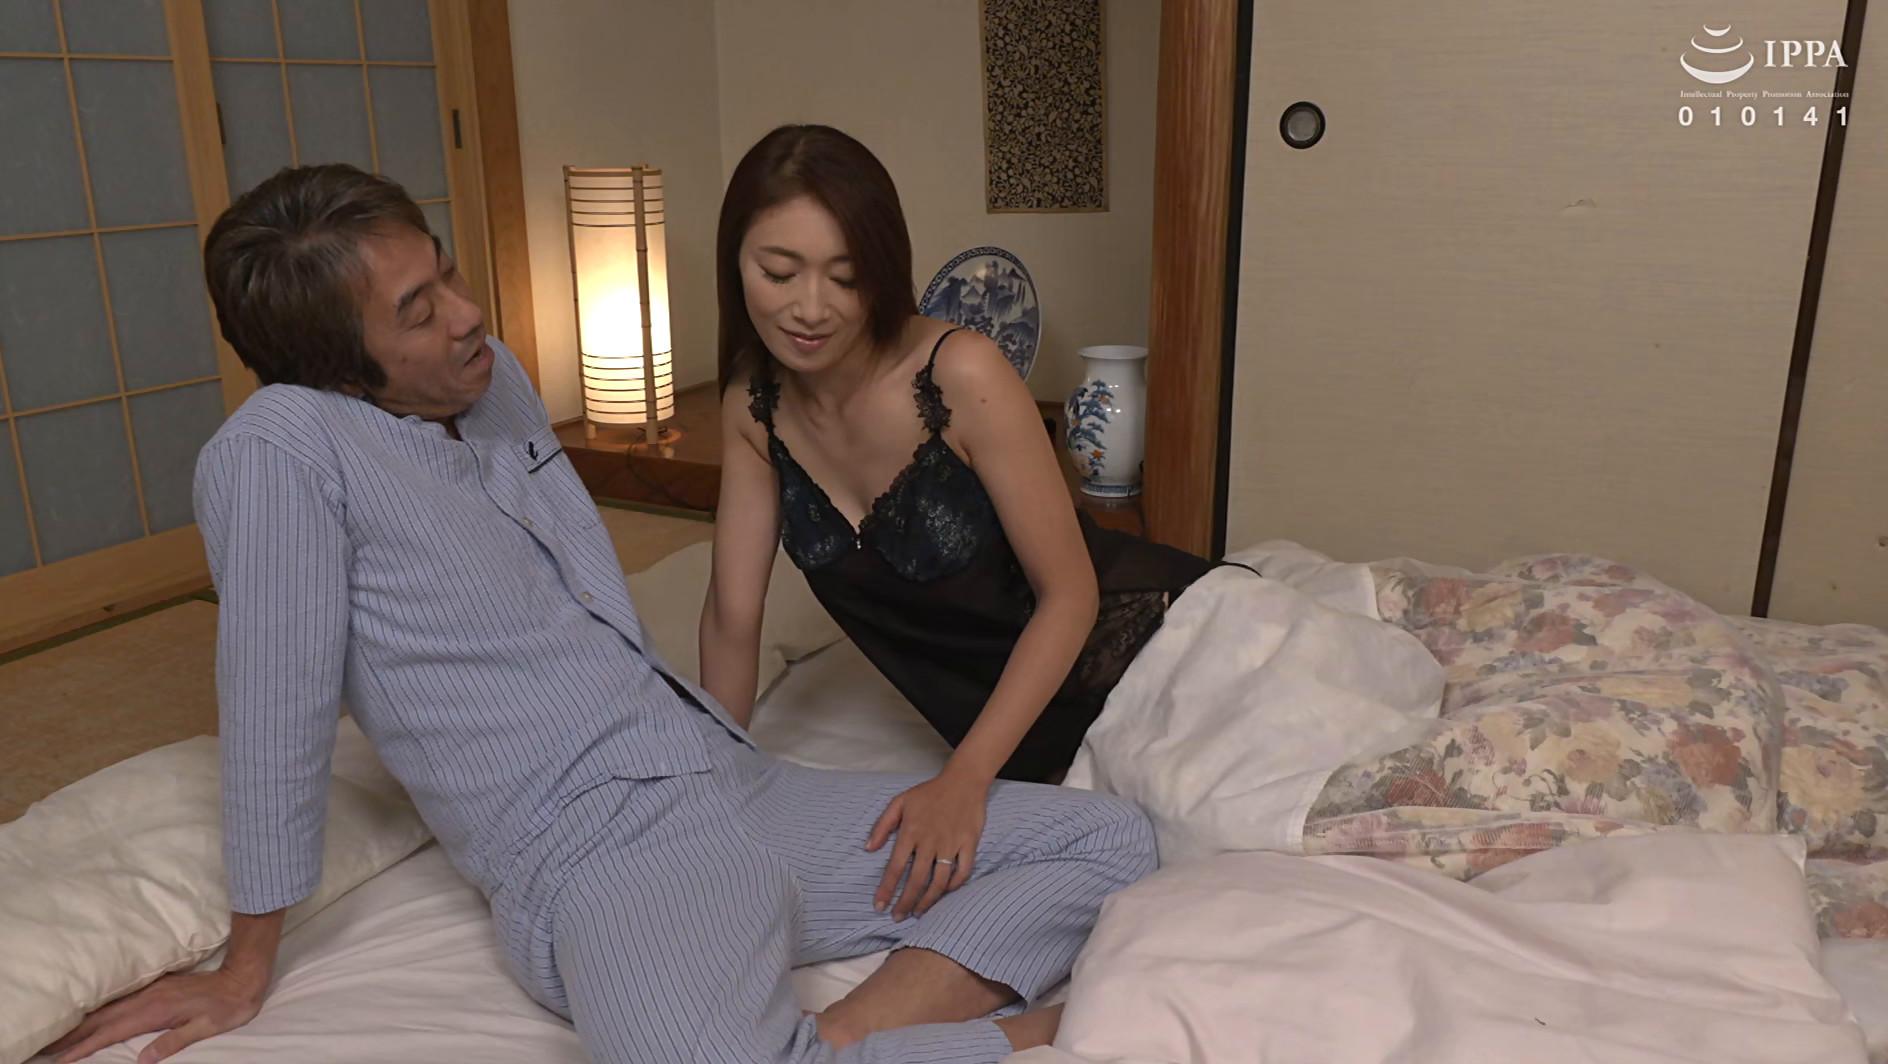 新しい母親の肉感ボディに我慢できずに中出ししてしまった 小早川怜子